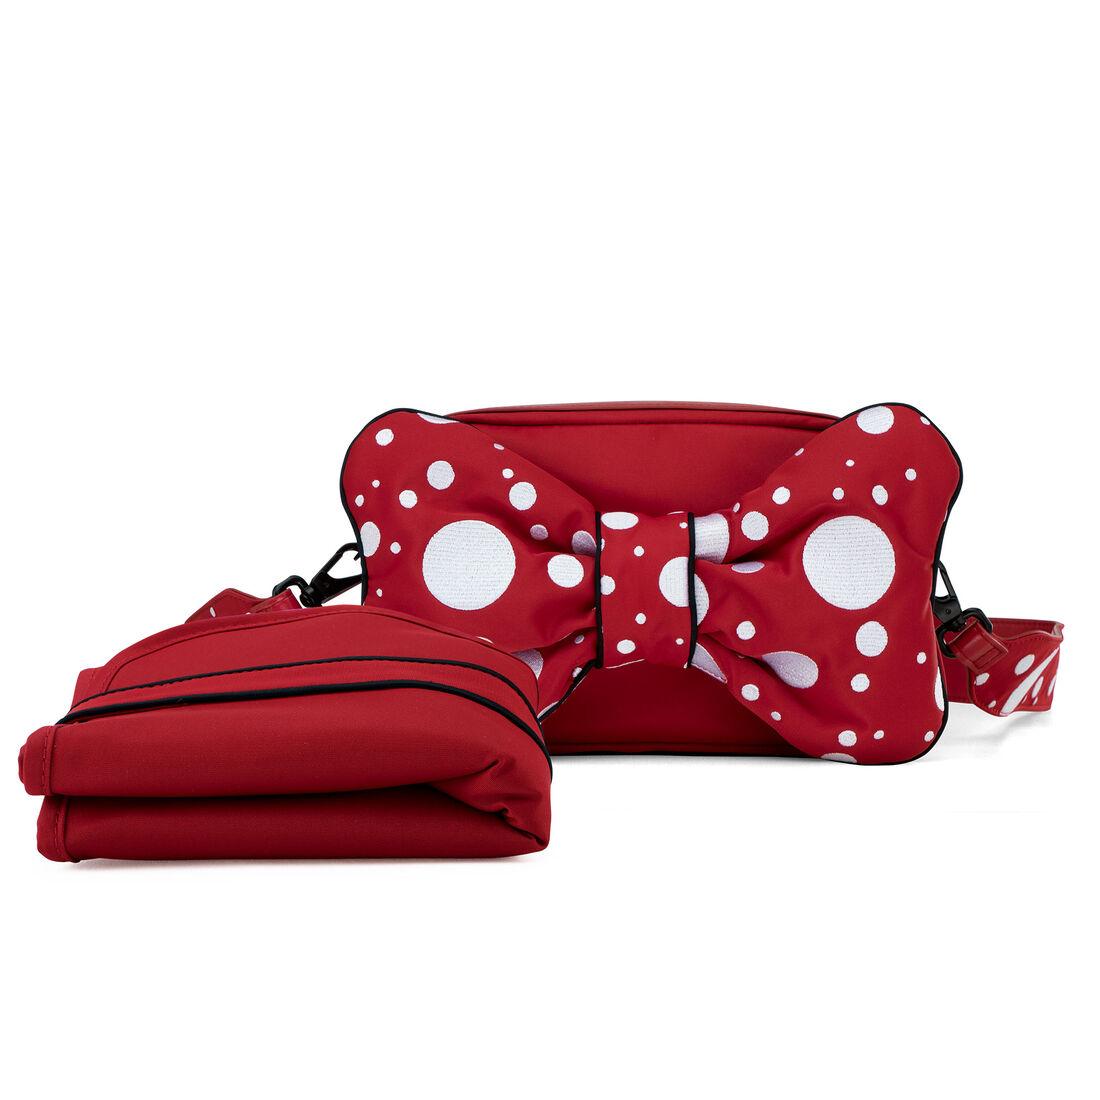 CYBEX Essential Bag - Petticoat Red in Petticoat Red large Bild 5